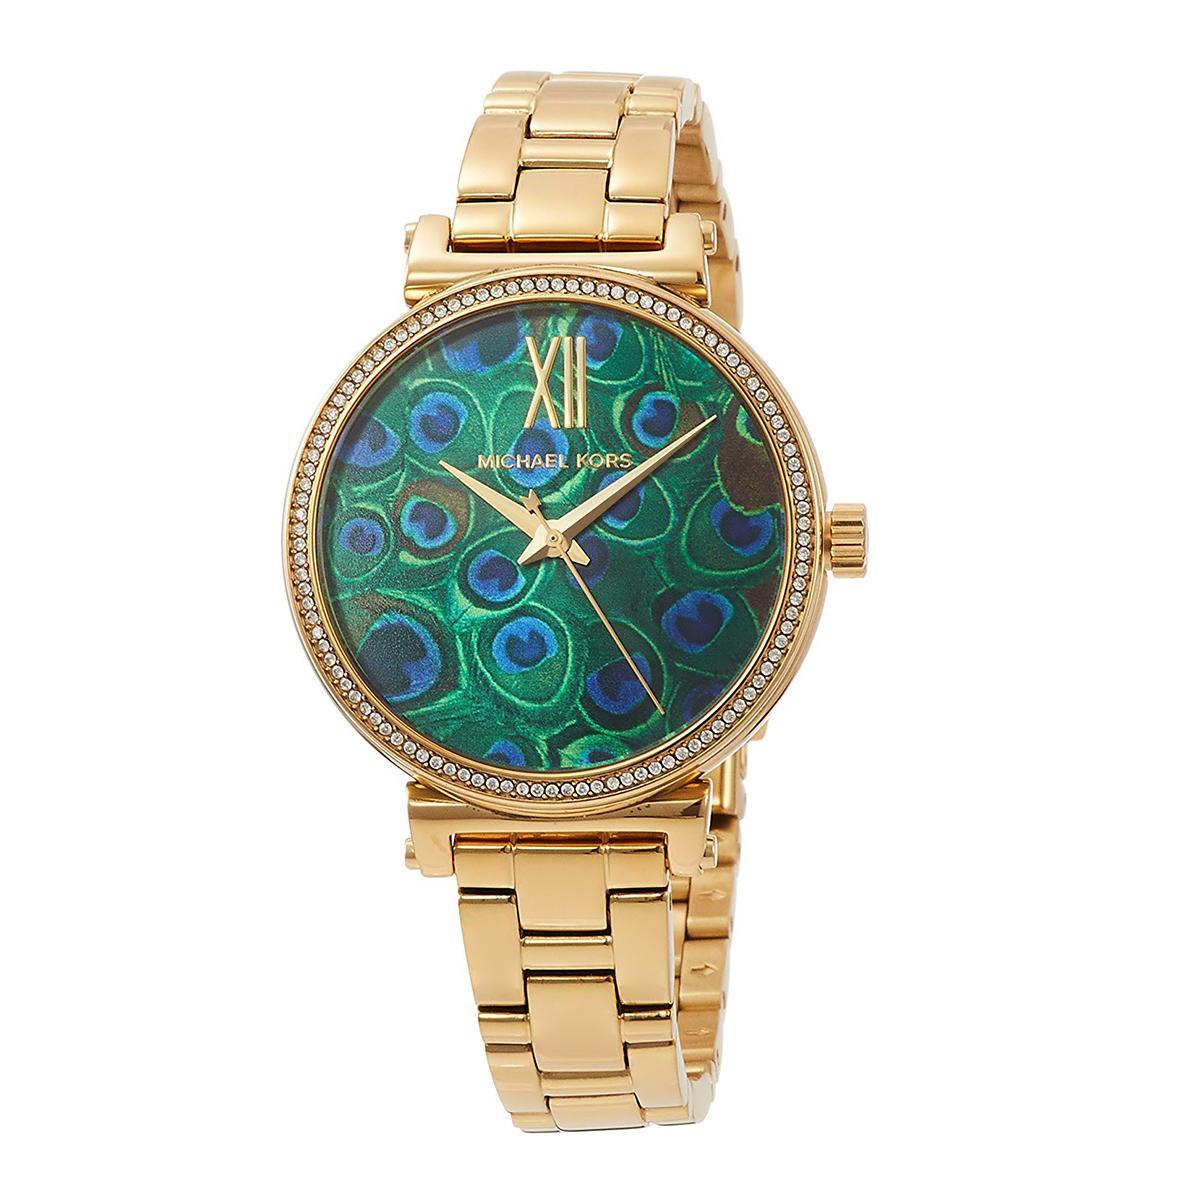 Đồng hồ Nữ Michael Kors MK3946 bán chạy